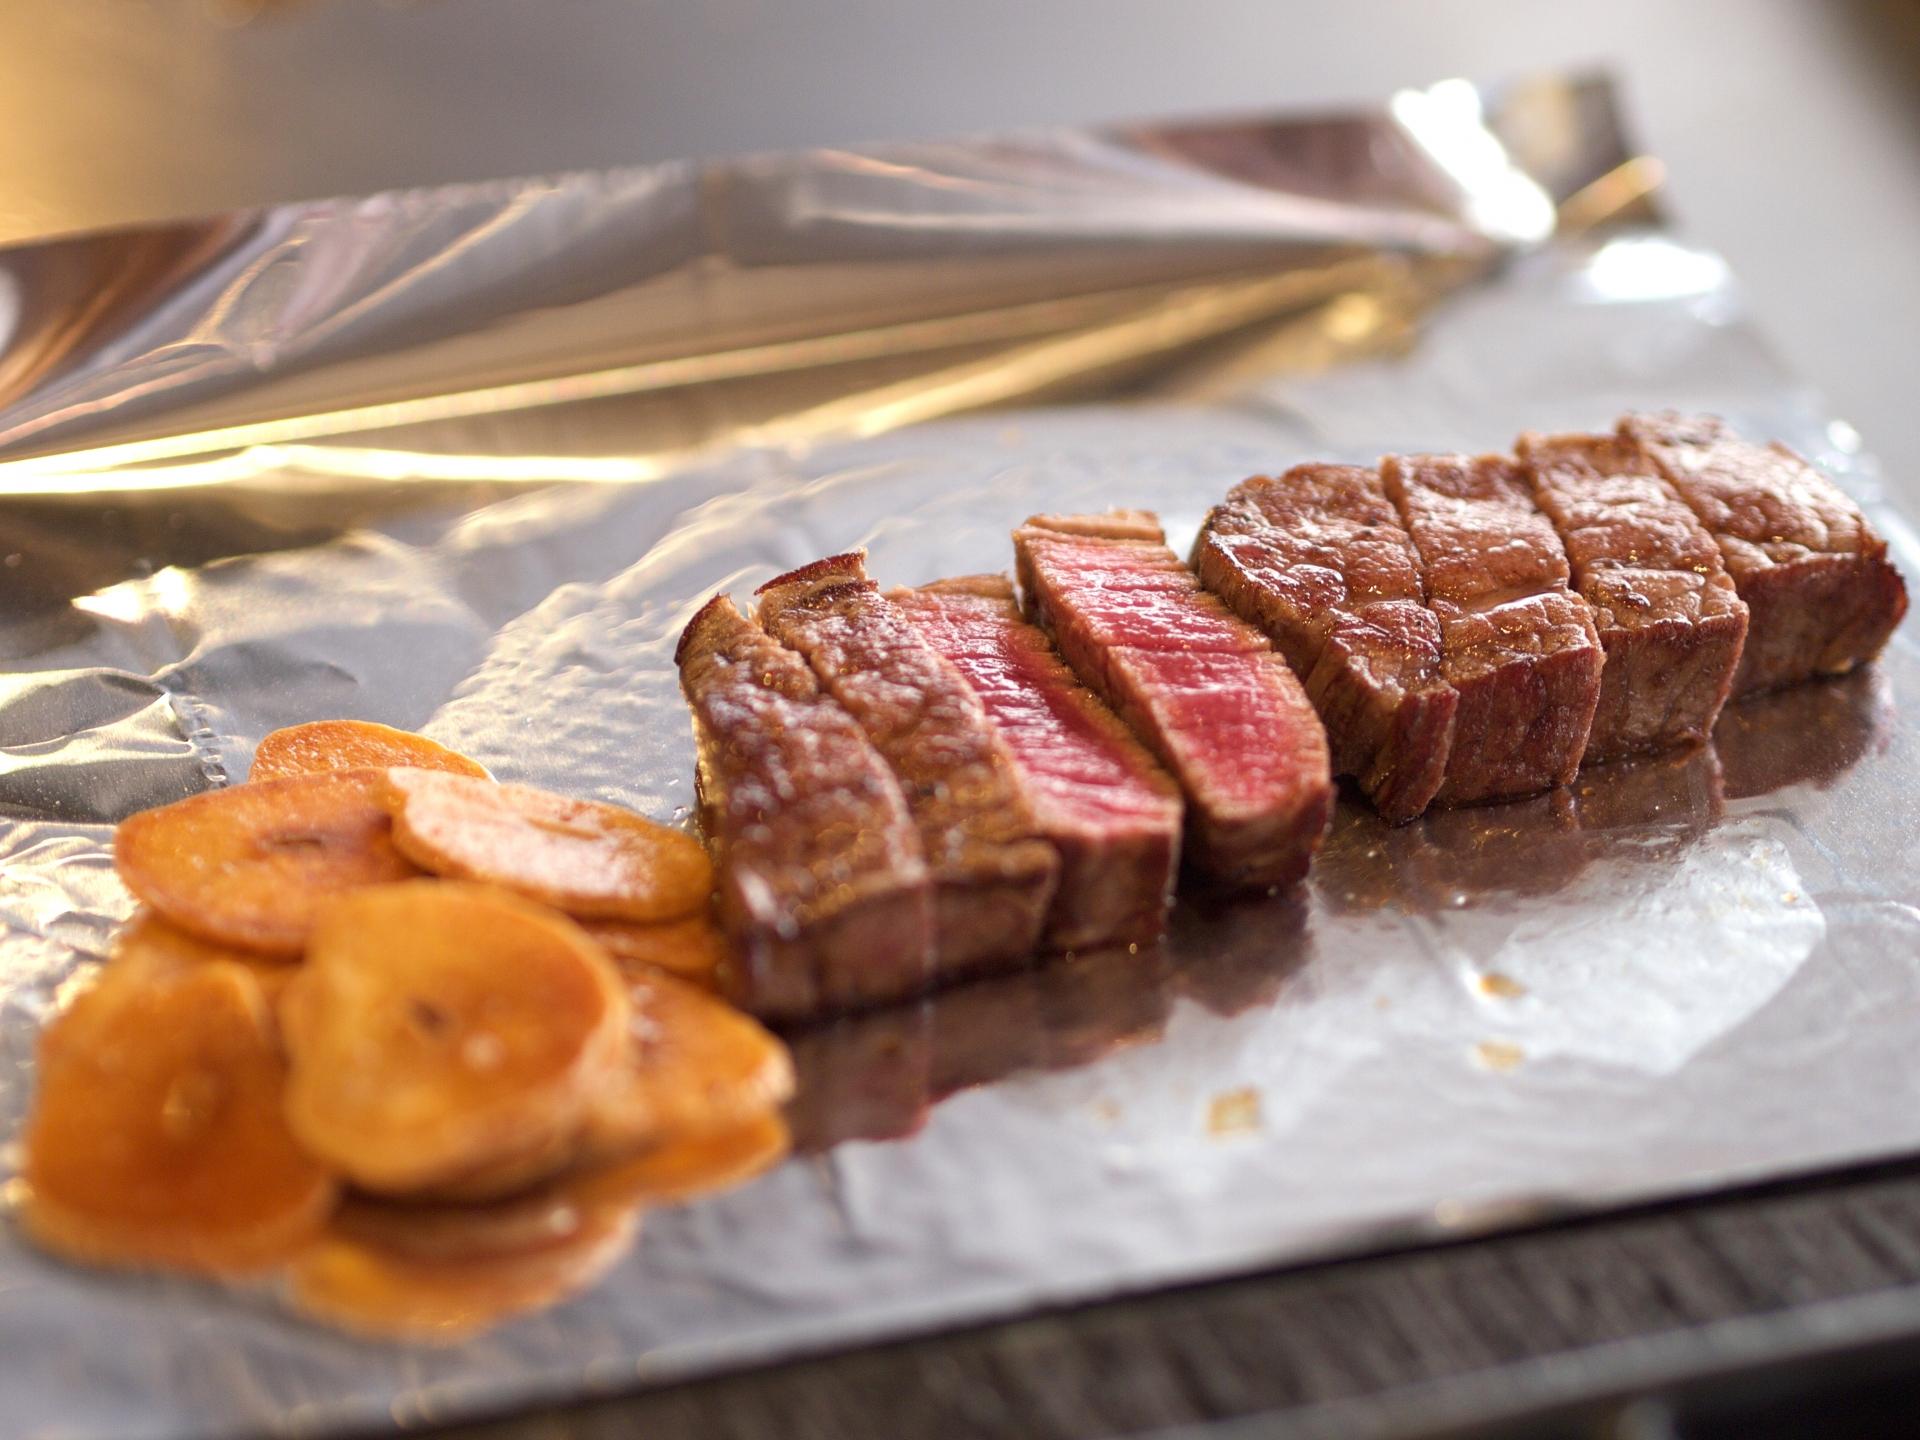 【ふるさと納税】兵庫県のブランド牛『但馬牛』おすすめはステーキ!